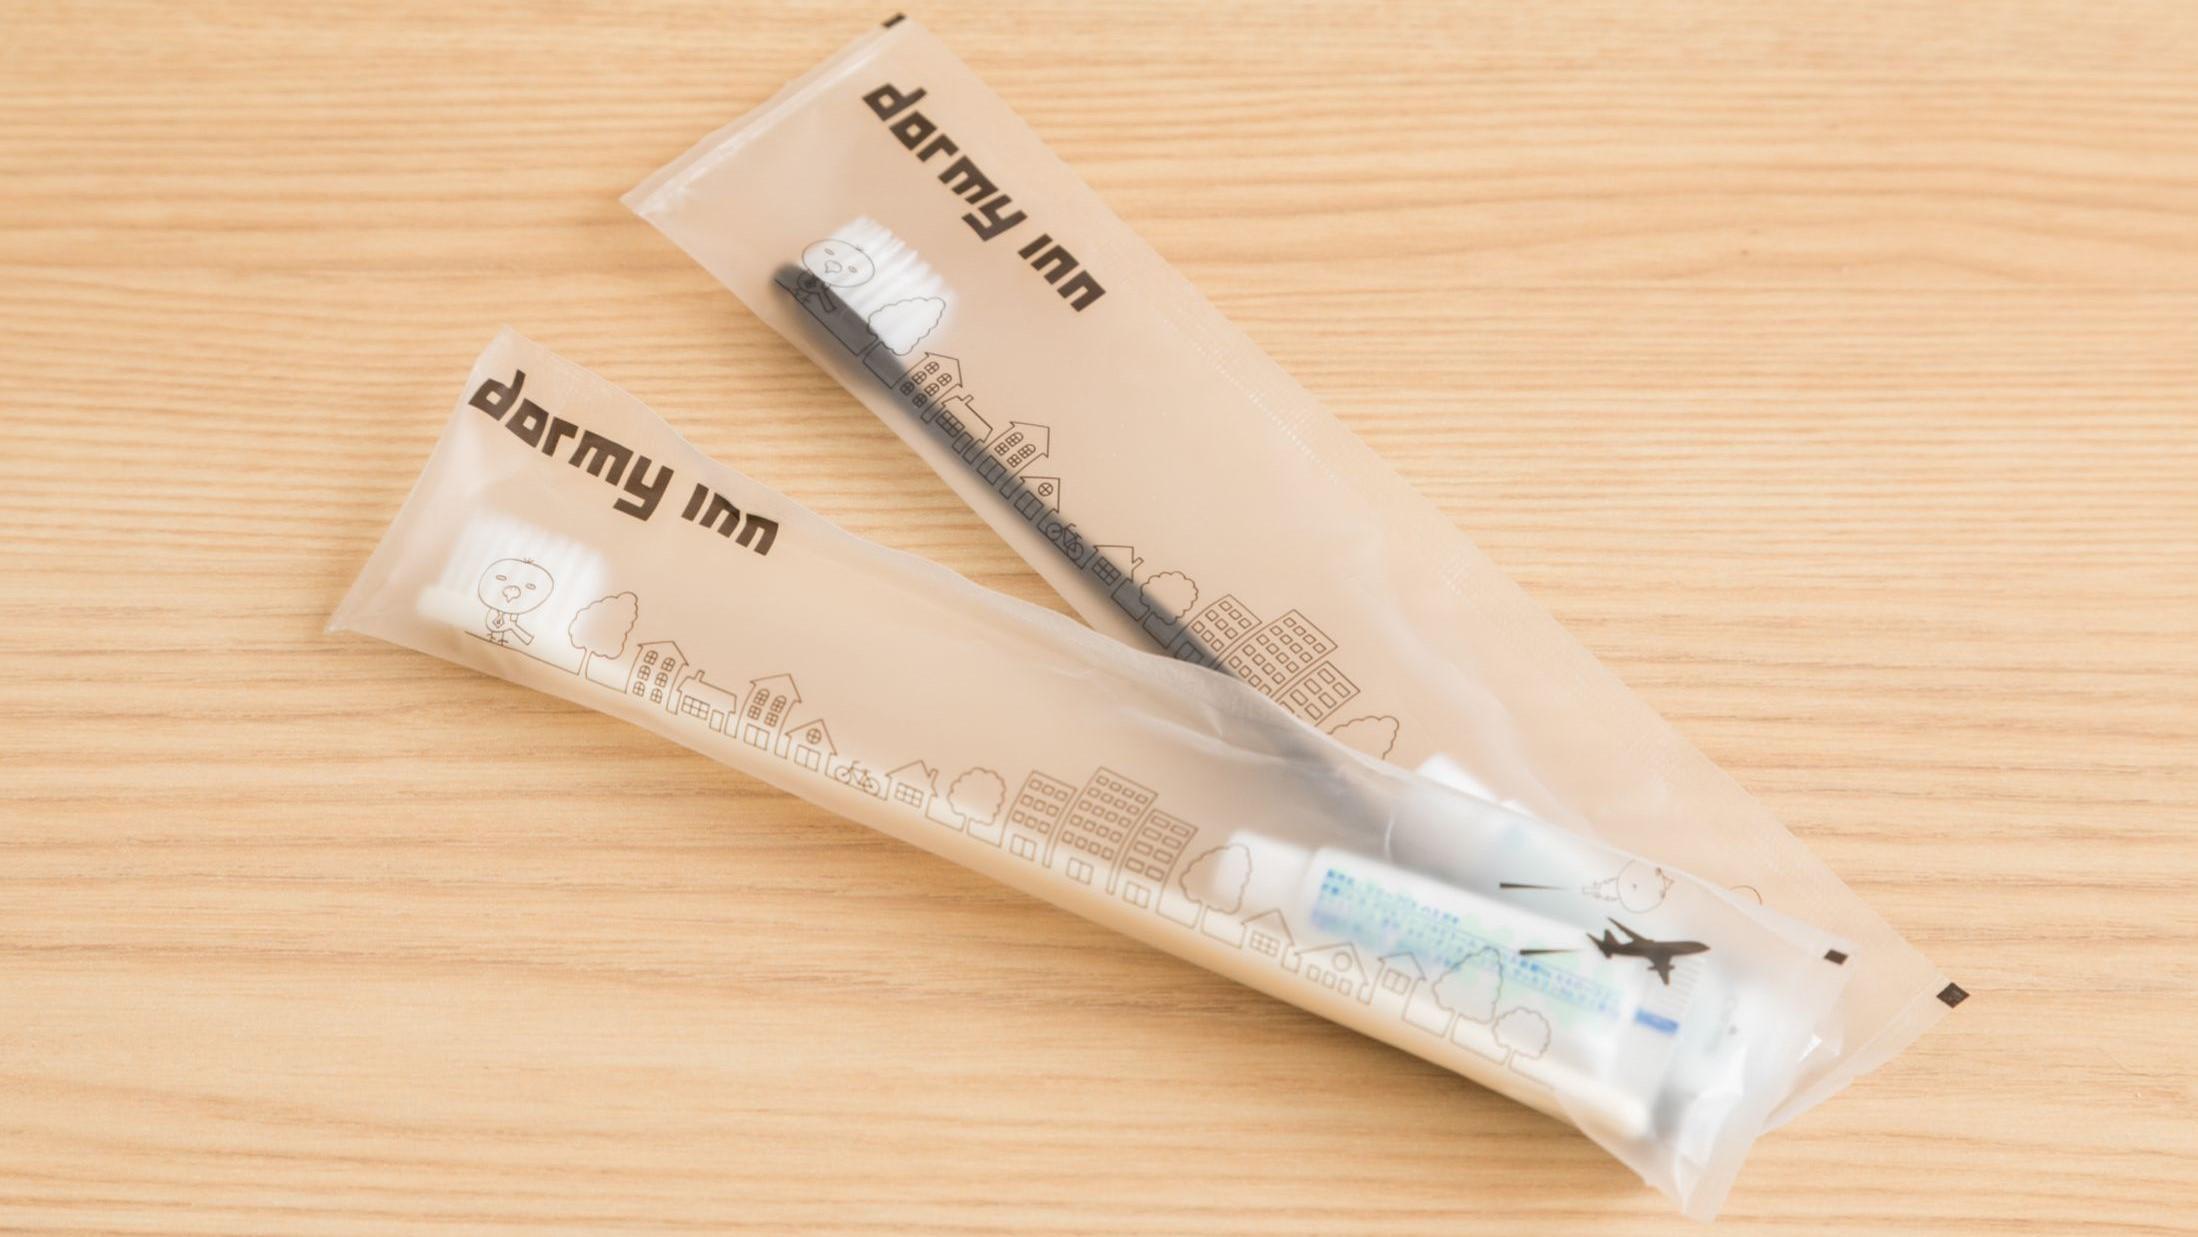 【客室アメニティ】 歯ブラシ 可愛いドーミーいんこがデザインされてます♪